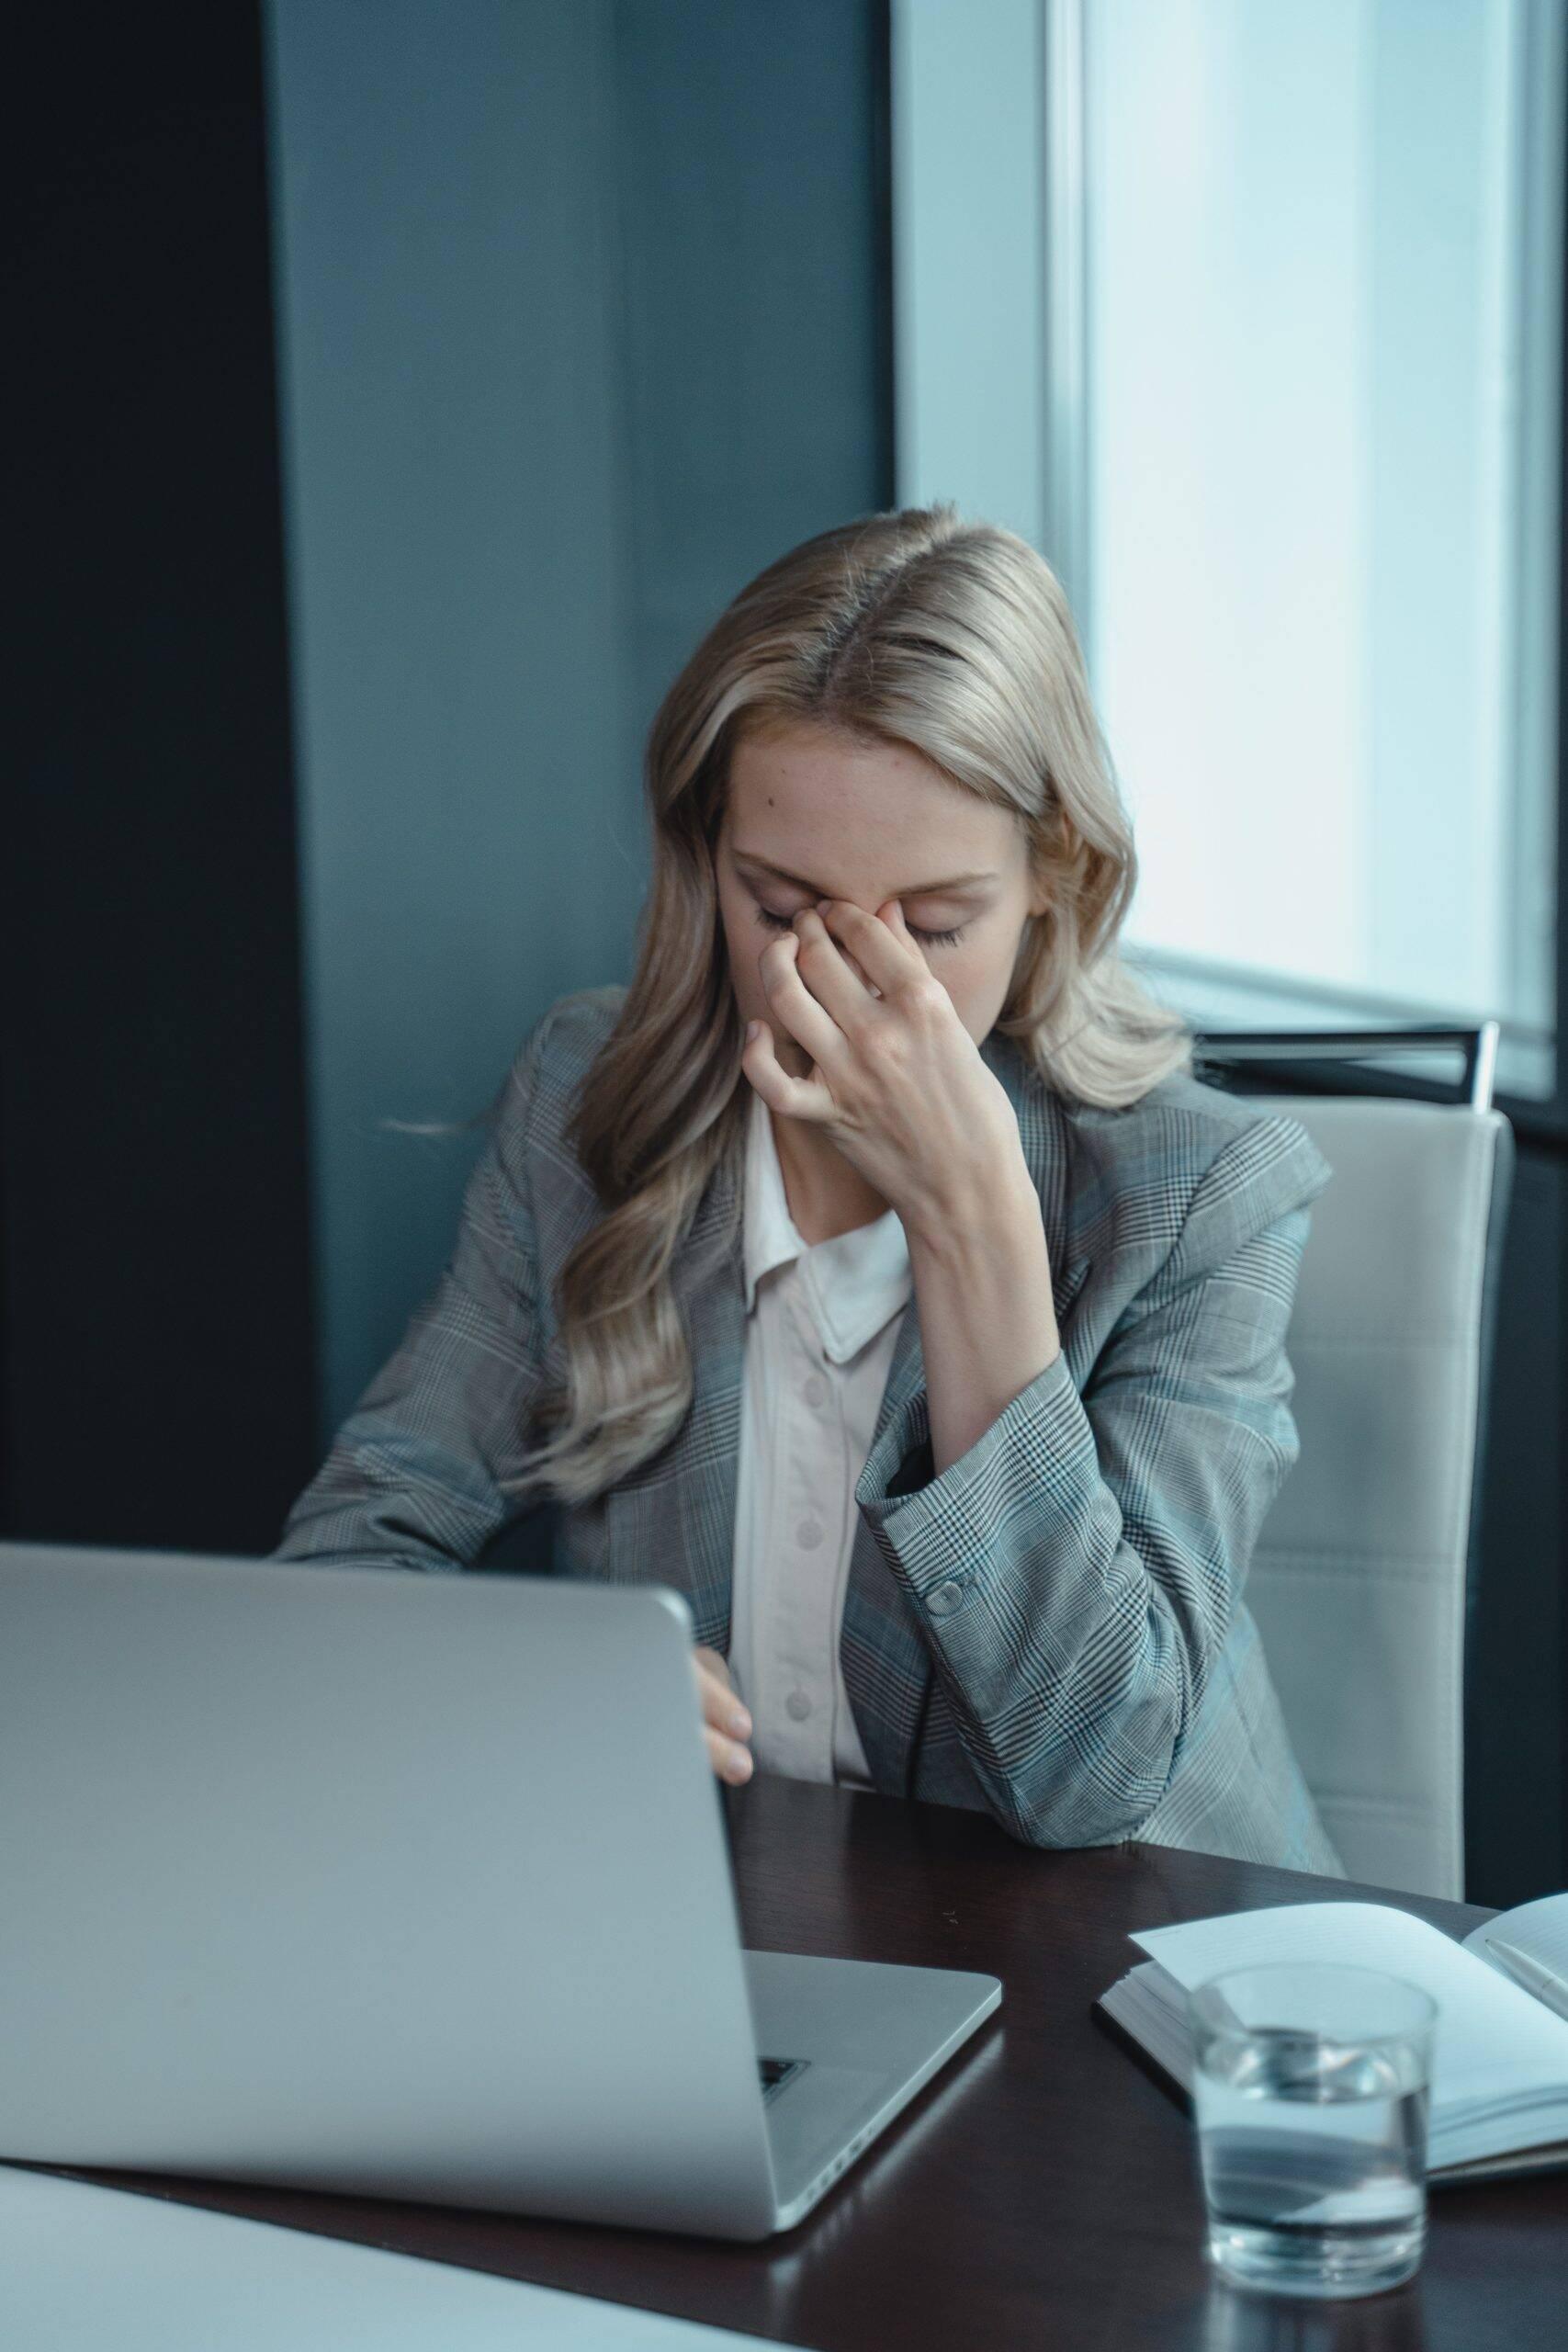 A insatisfação no trabalho e a moral baixo também podem ser sintomas do estresse. (Foto: Pexels)